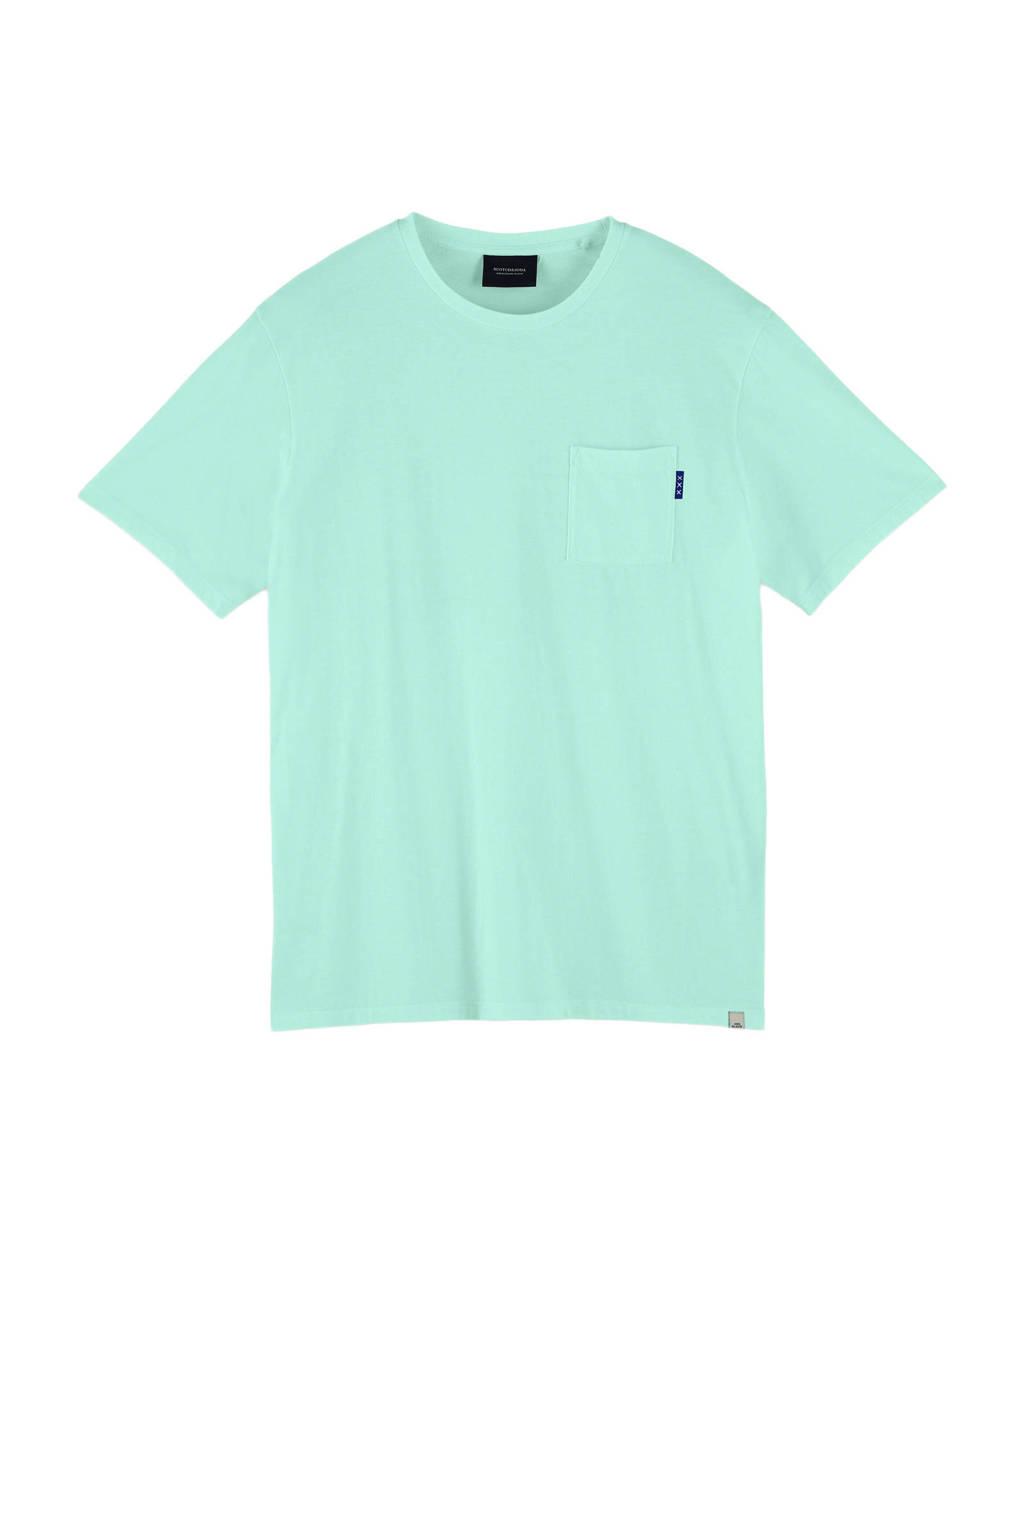 Scotch & Soda T-shirt mintgroen, Mintgroen